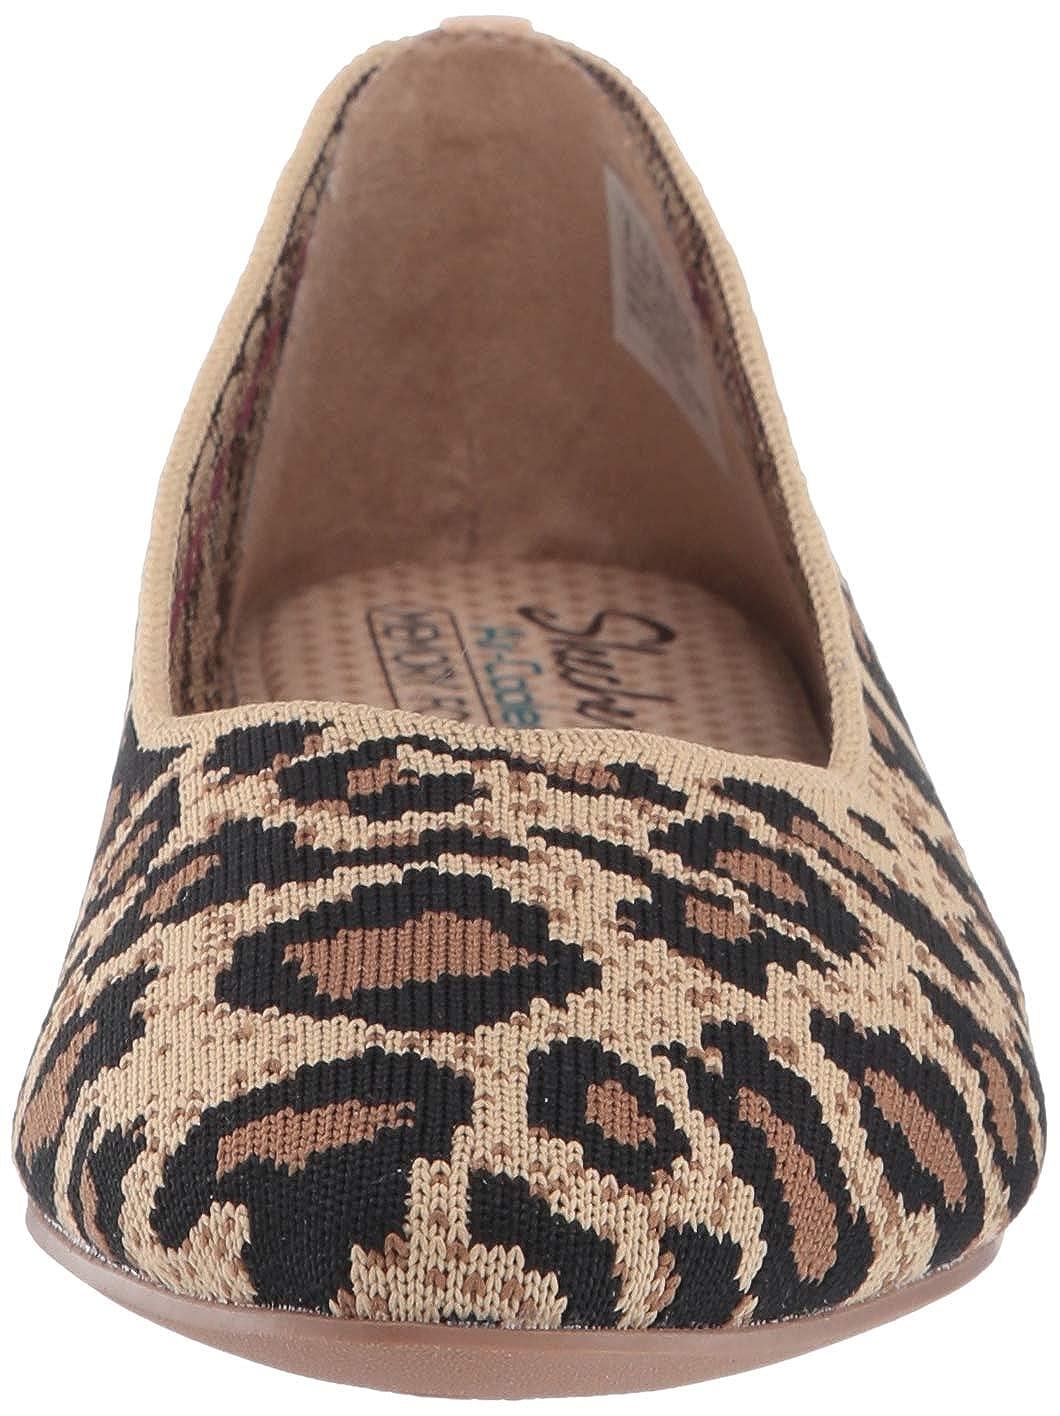 Skechers Damen Cleo - Claw-Some Geschlossene Ballerinas Braun (Natural Flat Knit Nat)